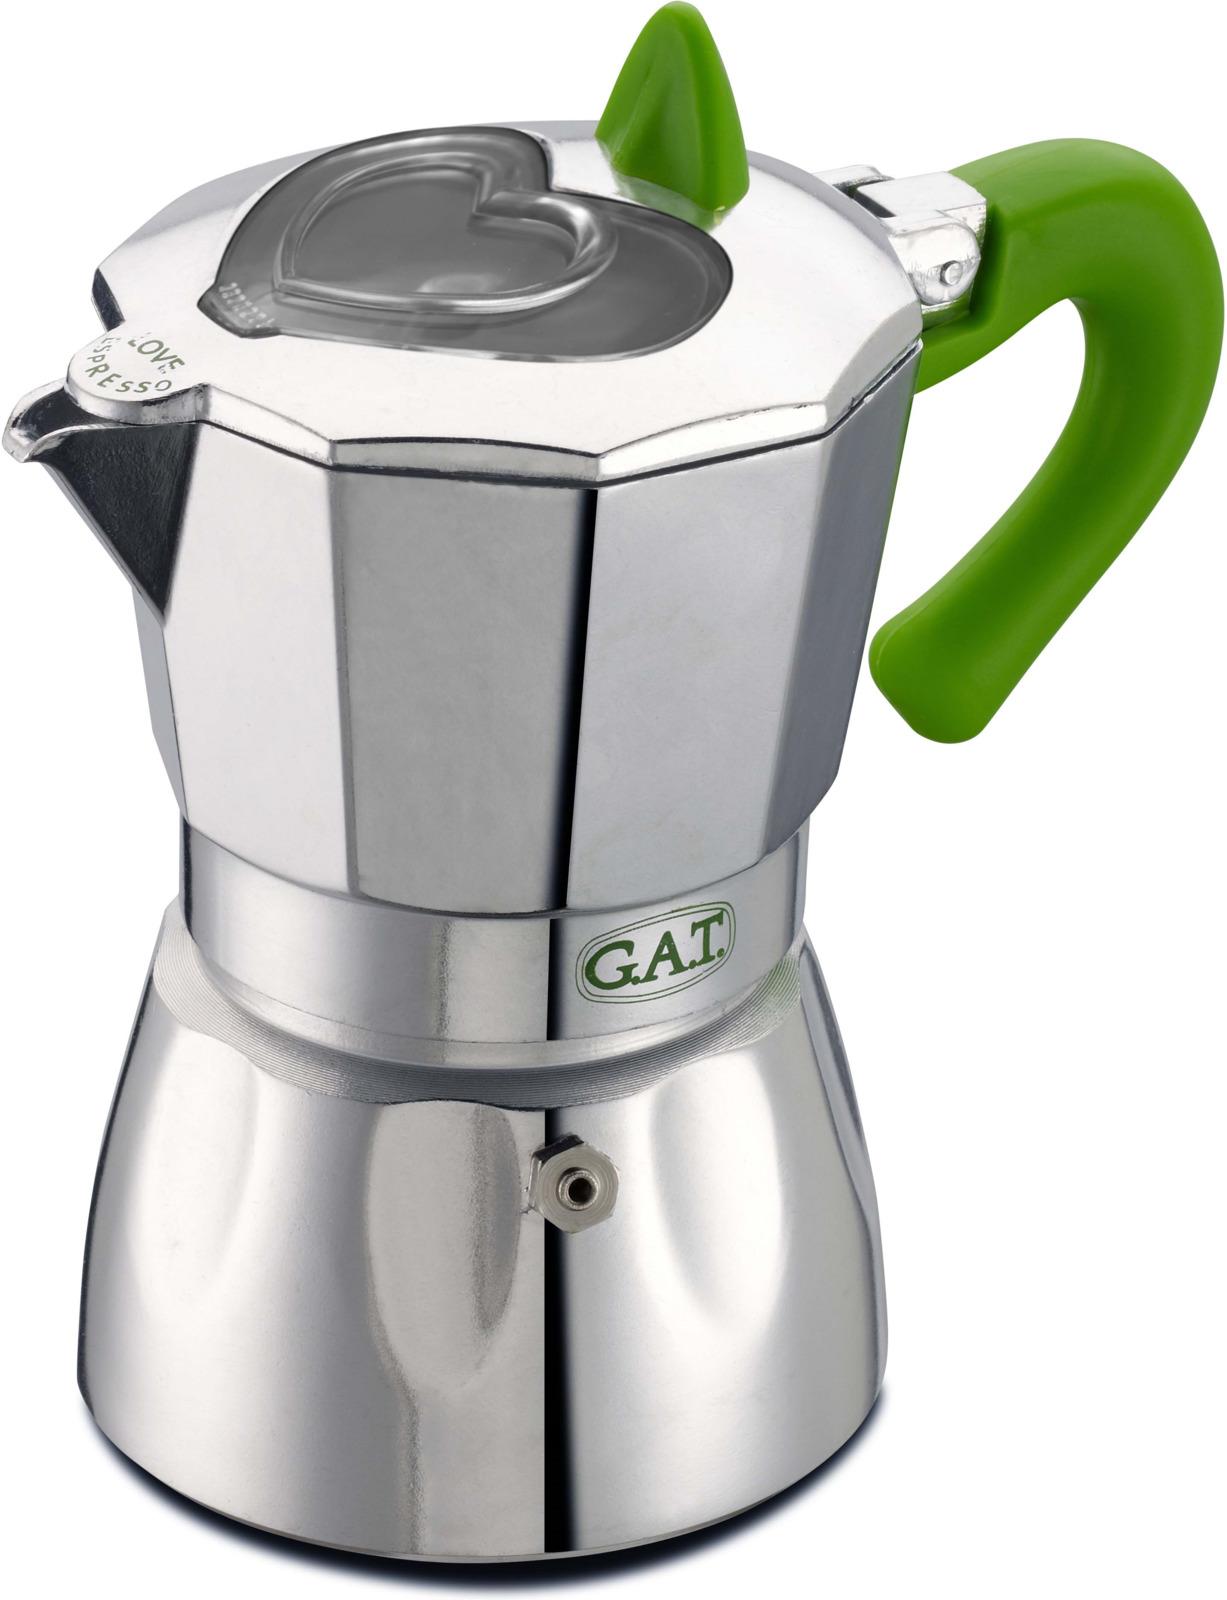 Кофеварка гейзерная G.A.T. 104906N VALENTINA. Гейзерная кофеварка - это отличная возможность побаловать себя чашечкой великолепного ароматного кофе. Кофеварка рассчитана на 6 чашек. За считанные минуты прибор приготовит ваш любимый напиток и моментально наполнит кухню изумительным ароматом. Прочная алюминиевая основа придает кофеварке легкость и надежность, а стильный дизайн добавит кухонному интерьеру элегантности и особого шарма. Основные отличительные особенности кофеварок Valentina: удобный носик для наливания кофе; стильный ремень, соединяющий верхнюю и нижнюю части кофеварки; специальное внутреннее покрытие, обеспечивающее легкую очистку и обслуживание; прозрачное окошко в форме сердца на крышке, позволяющее наблюдать за процессом приготовления; ручка из жаропрочного силикона.